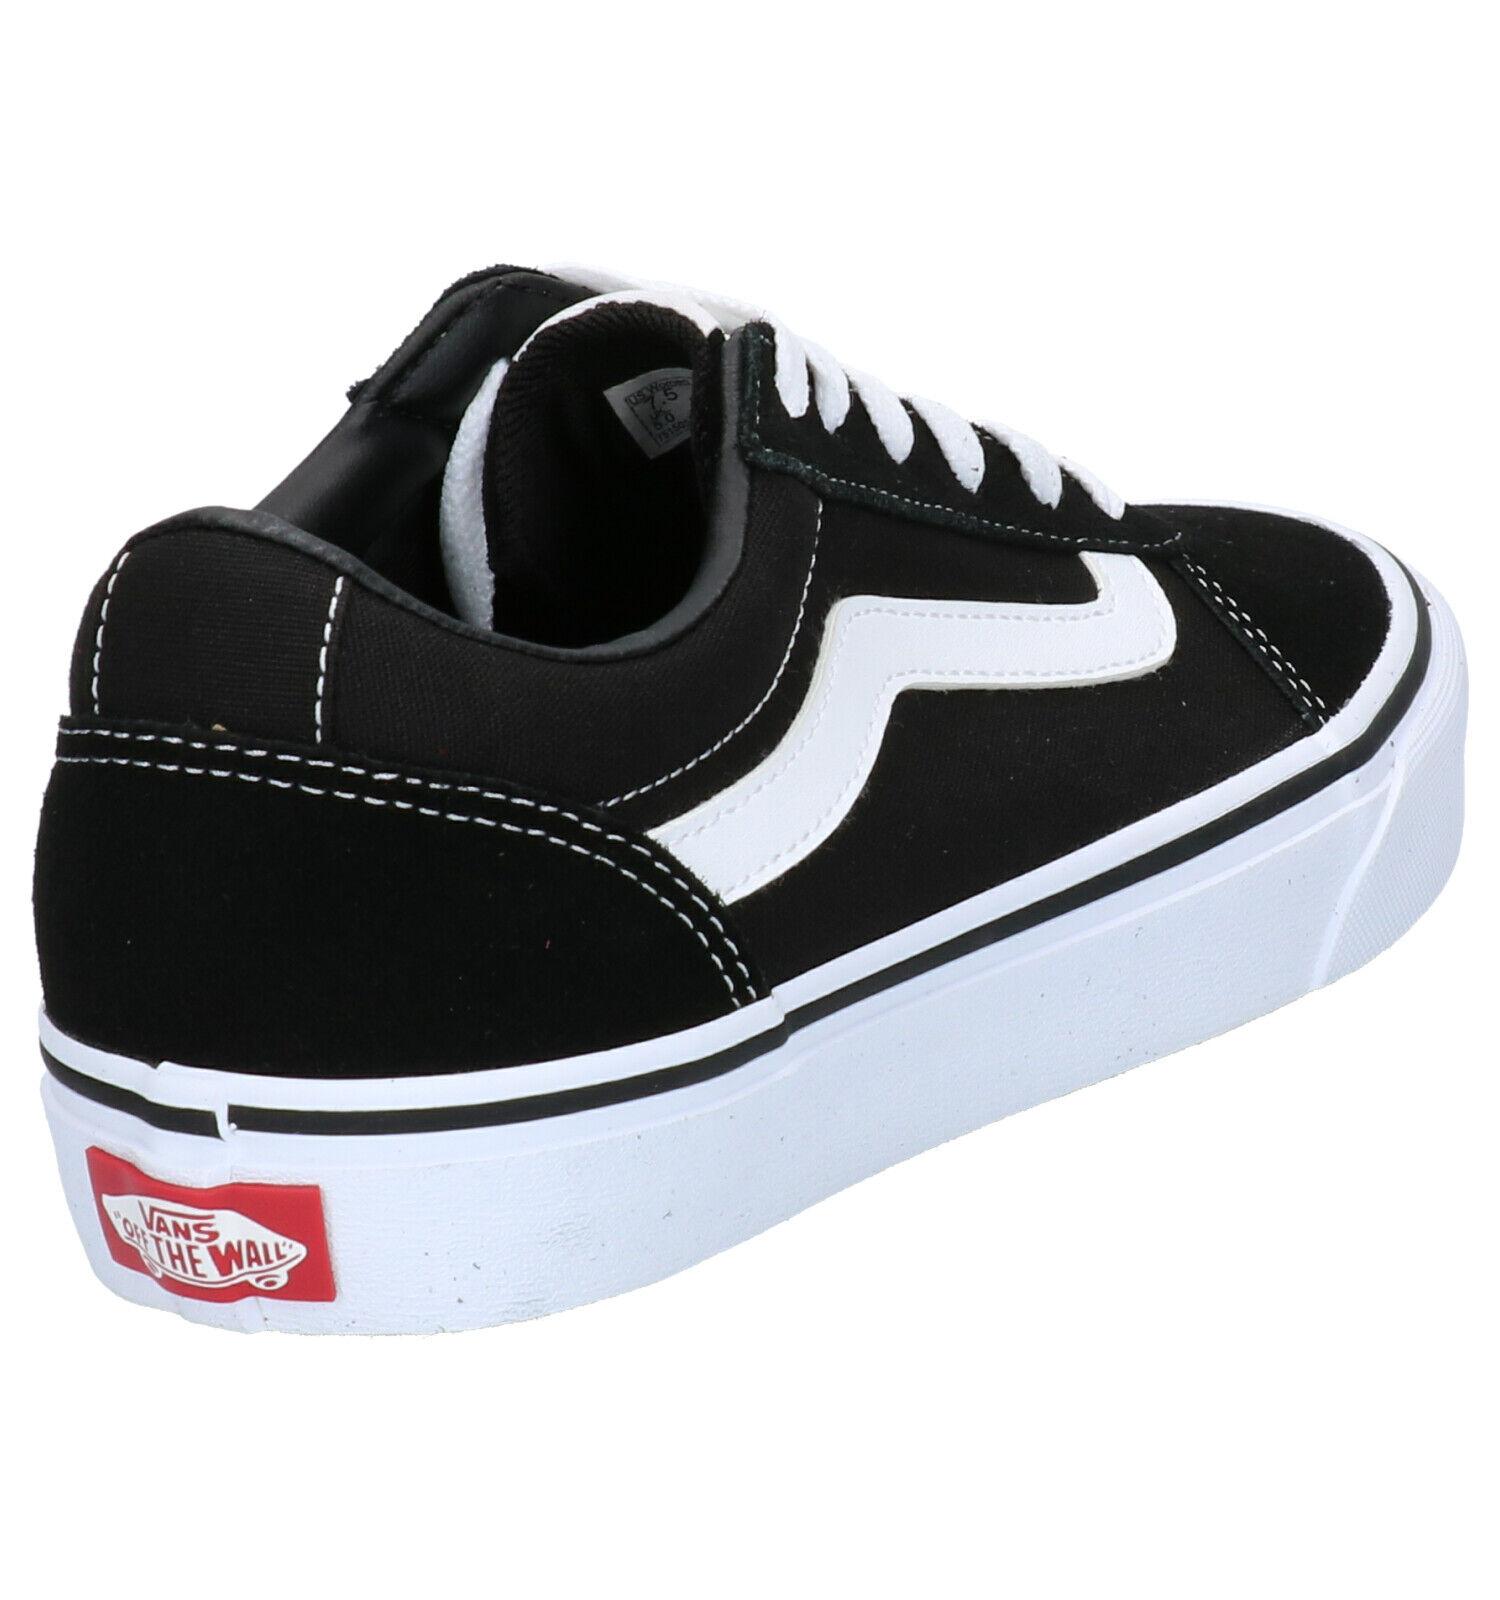 Vans Ward Zwarte Sneakers Dames 42,5